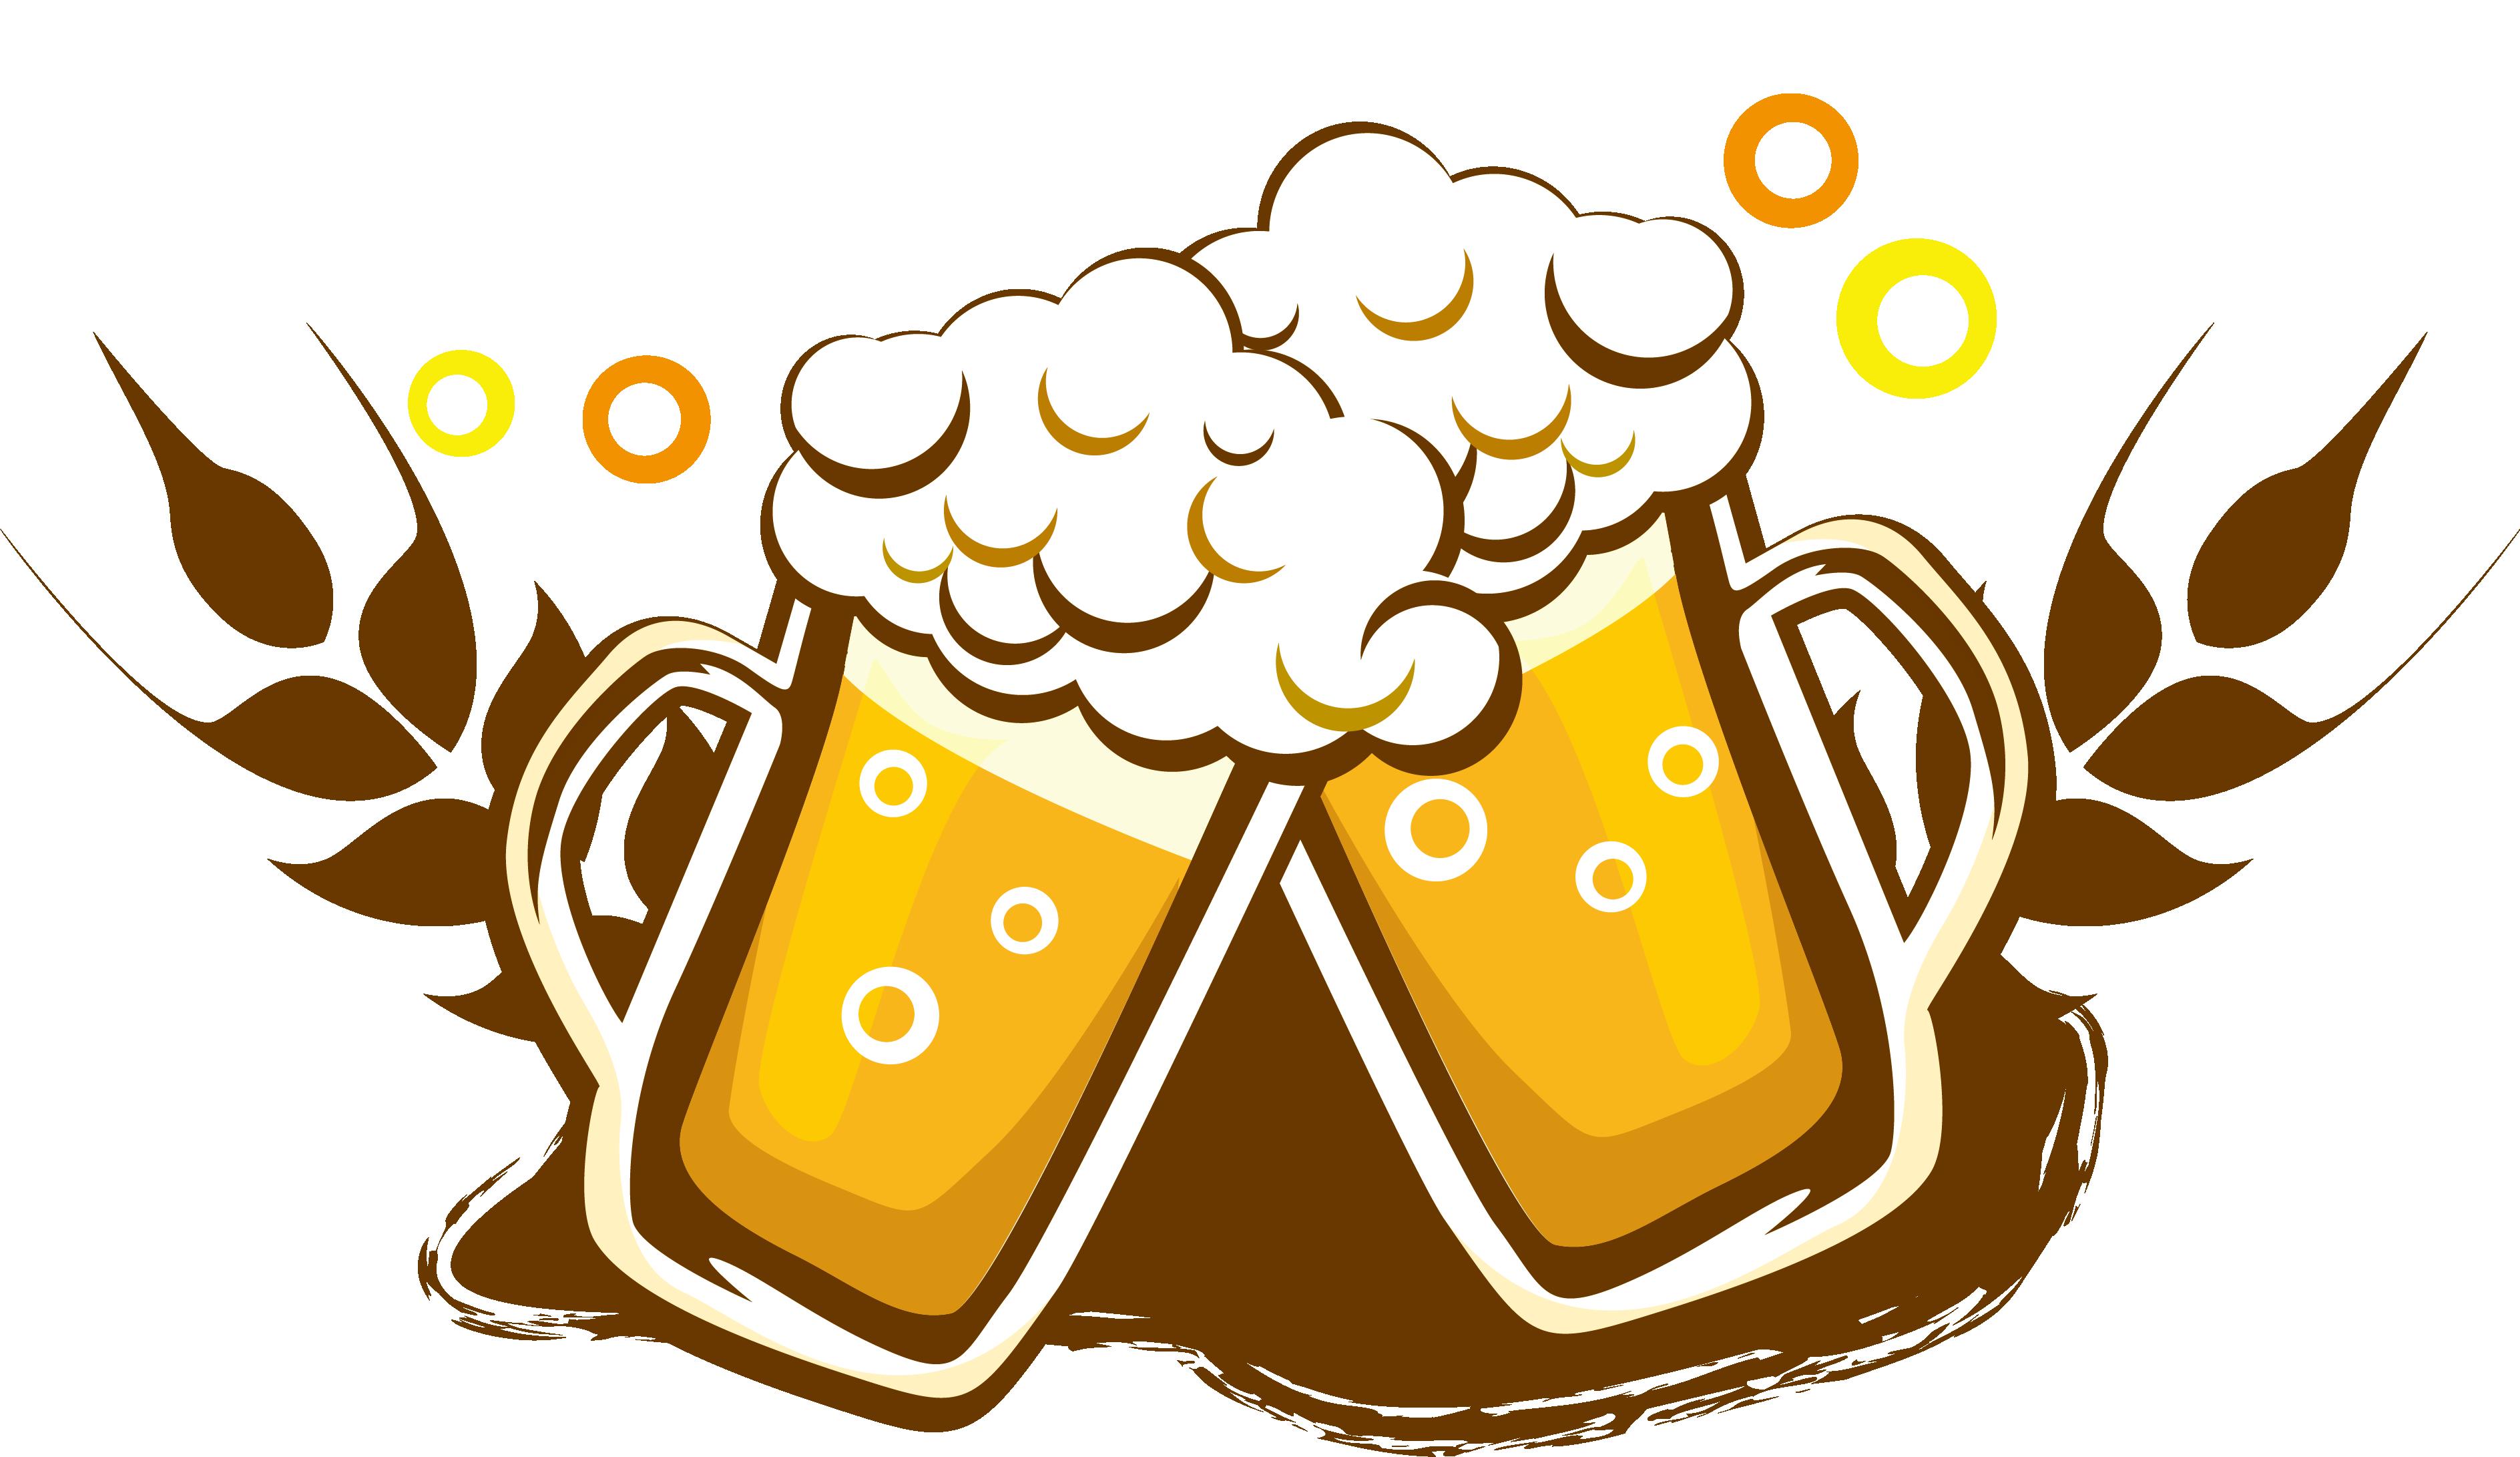 Drink clipart beer, Drink beer Transparent FREE for download.